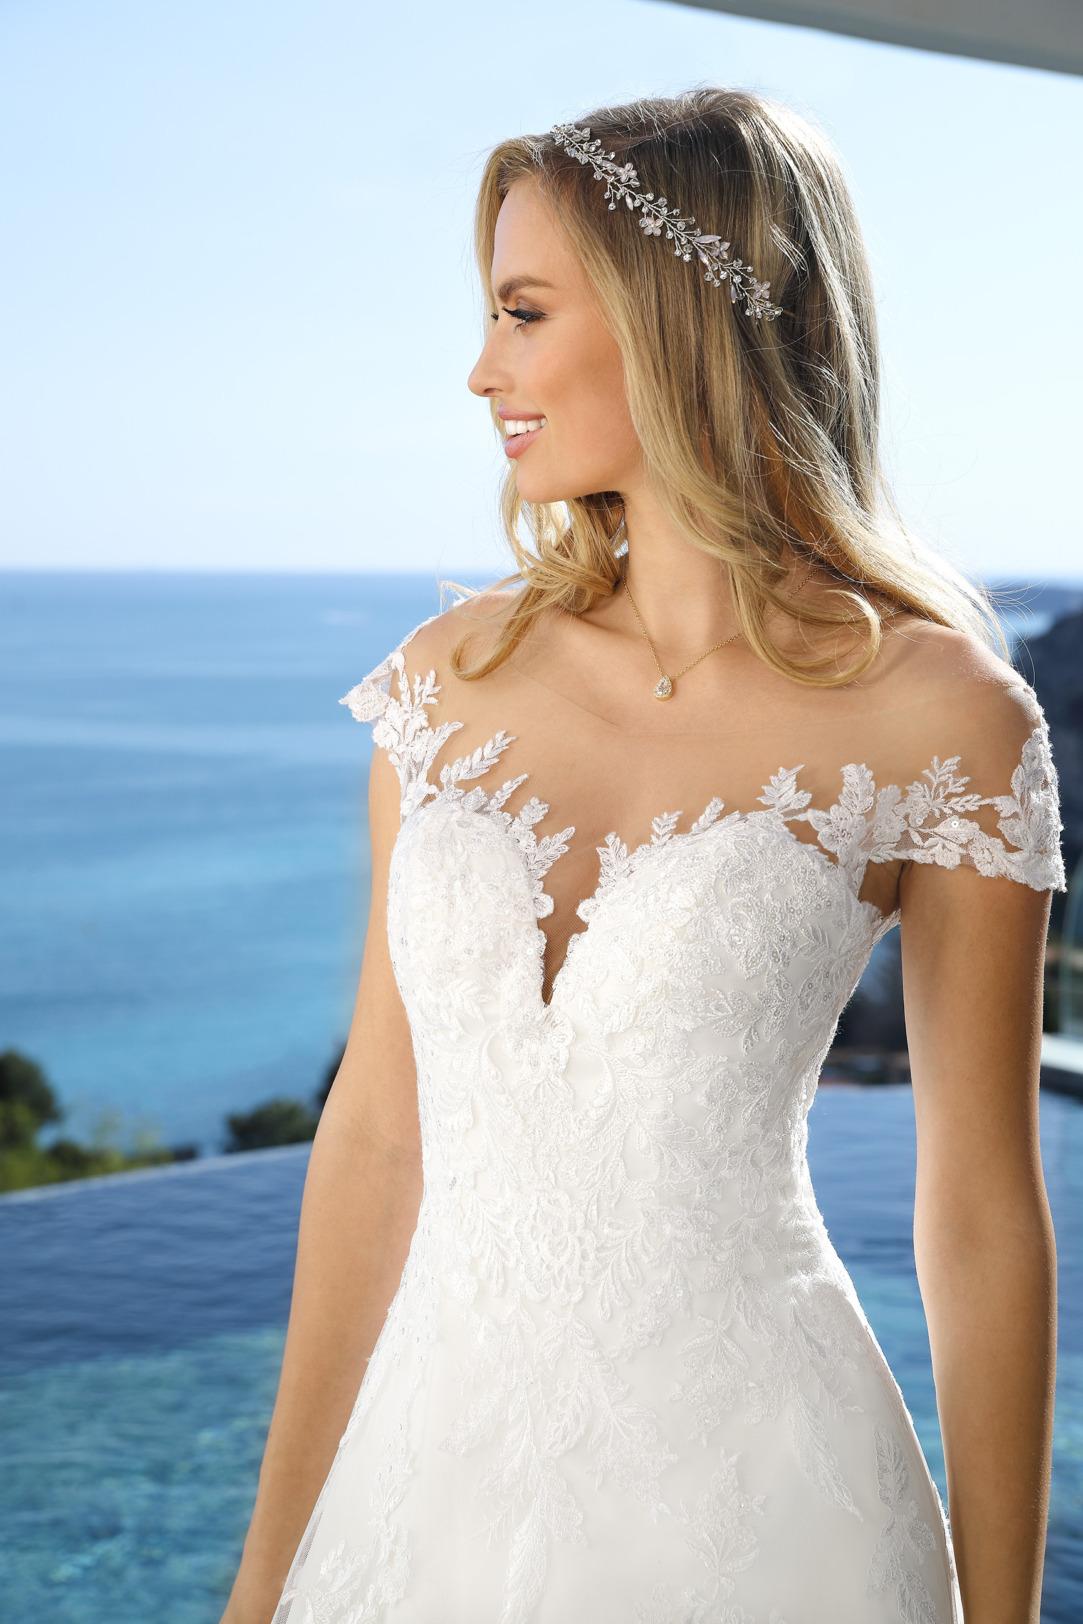 Brautkleid Hochzeitskleid in klassischer A Linie von Ladybird Modell 421014 mit Spitze besetzter Carmen Ausschnitt  Nahaufnahme vorne